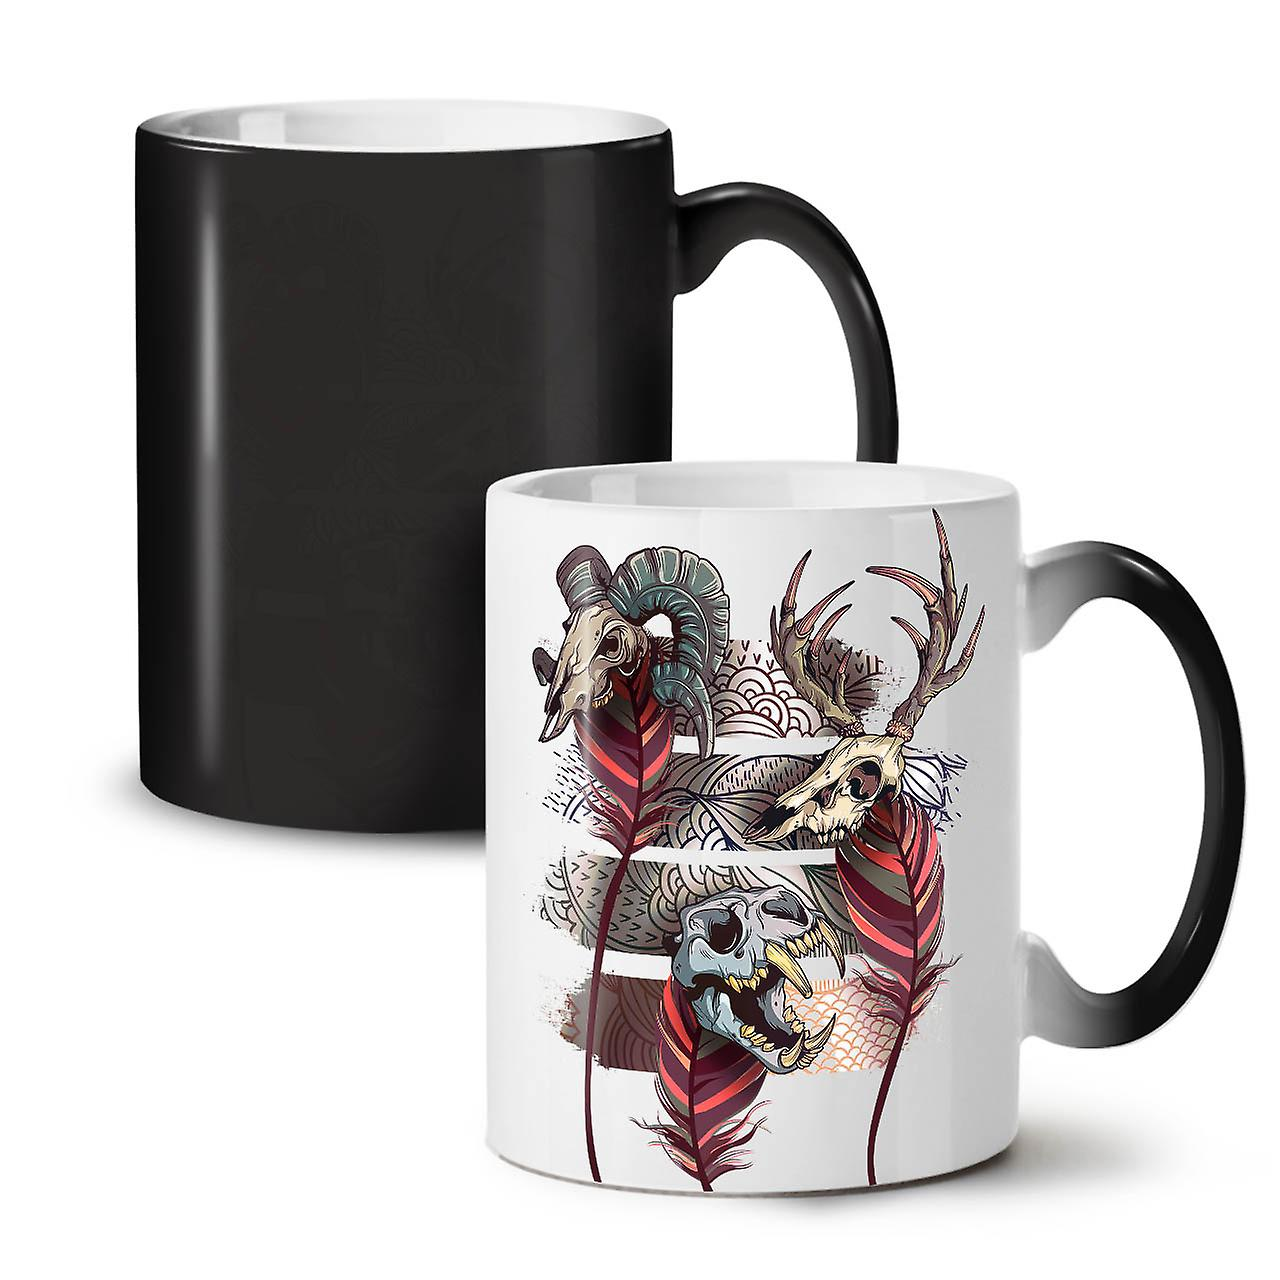 OzWellcoda Céramique Thé 11 Coloris Mort Changeant Tasse Café Animal Nouveau Noir Bête WEDHIbYe29